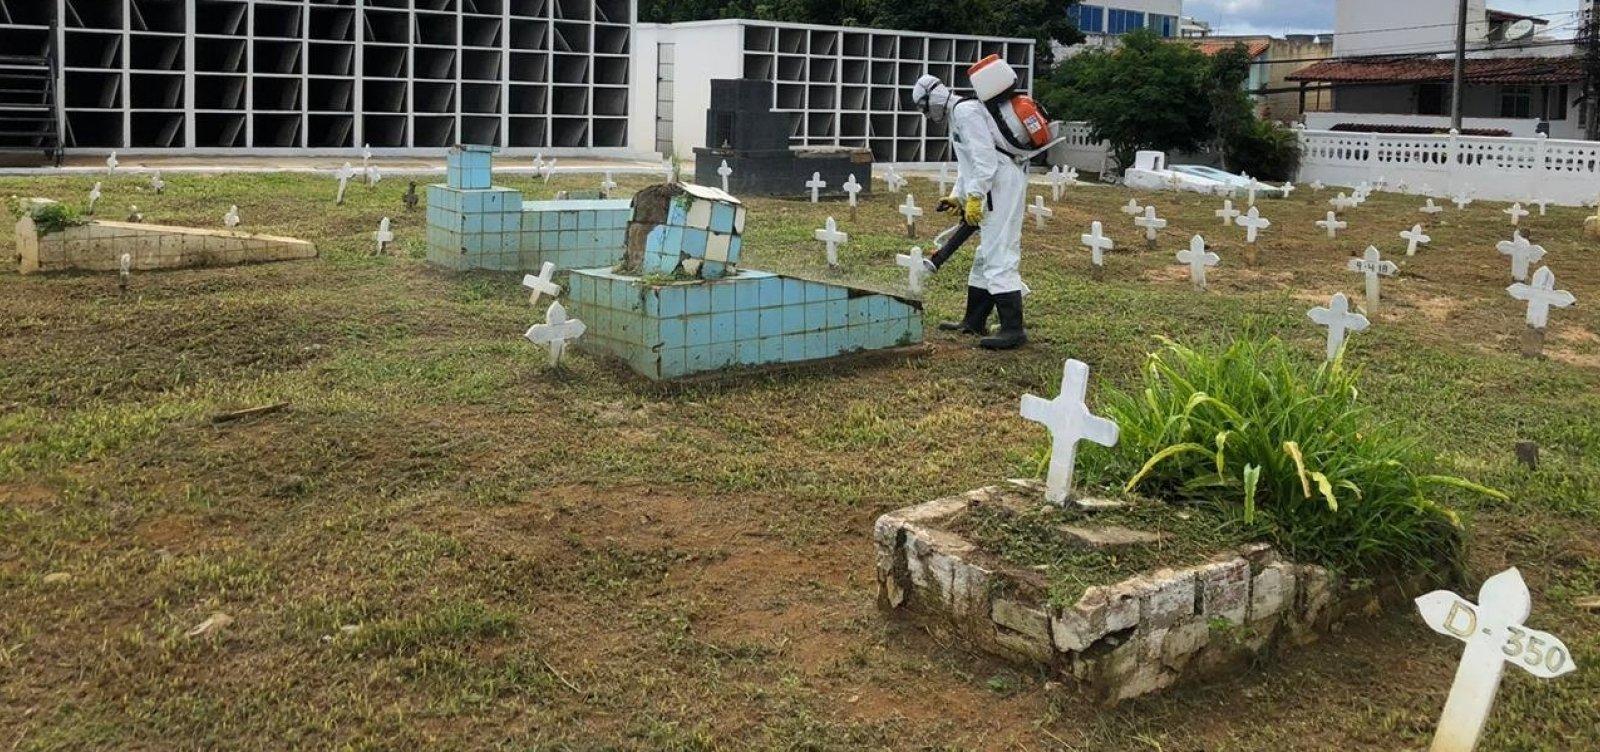 [Covid-19: Prefeitura de Salvador amplia número de vagas nos cemitérios]